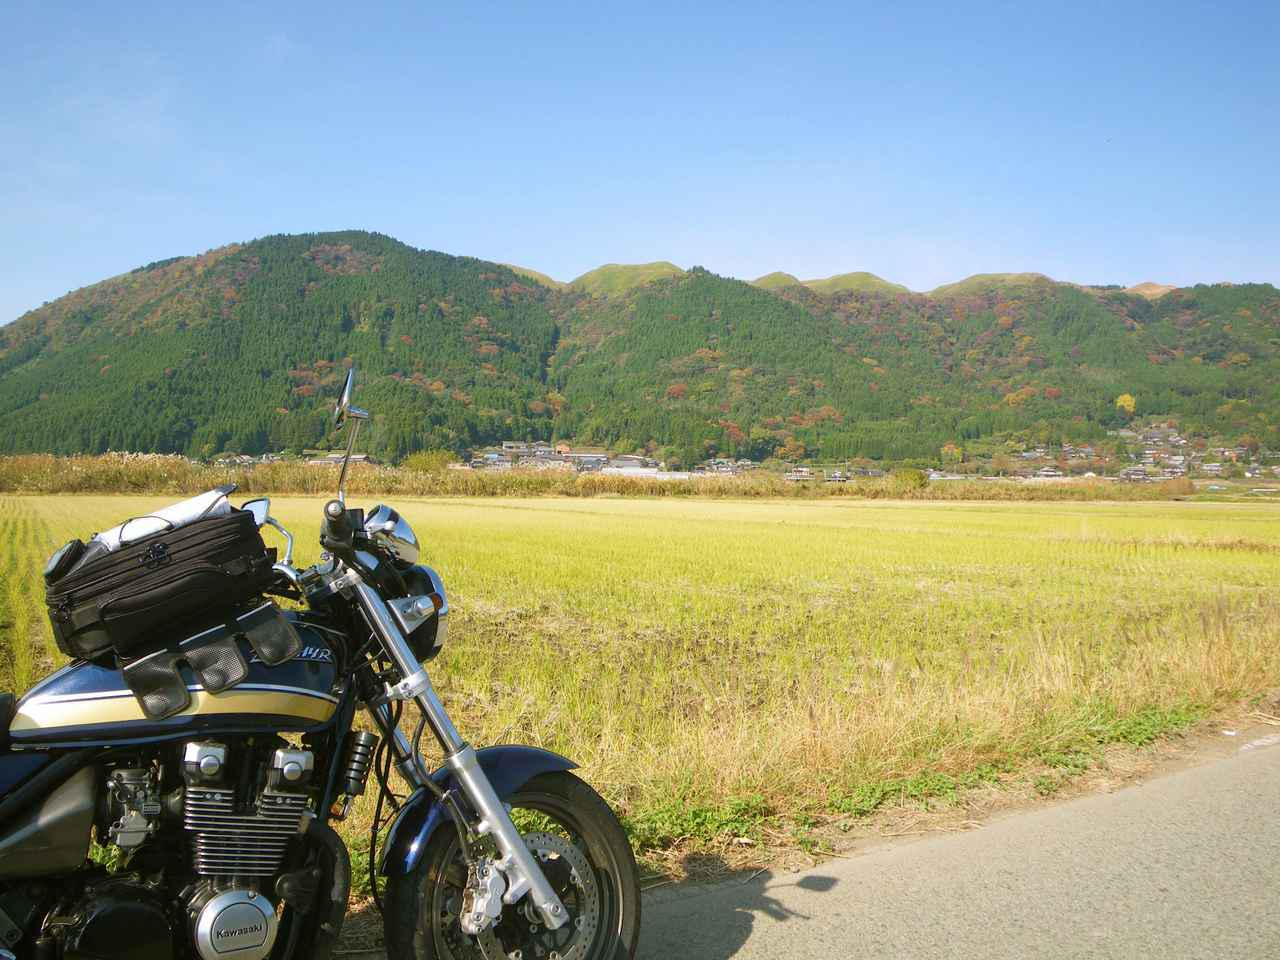 画像: 【四国】秋のバイクツーリングで大切なポイント&おすすめの絶景コースを紹介! - ハピキャン(HAPPY CAMPER)